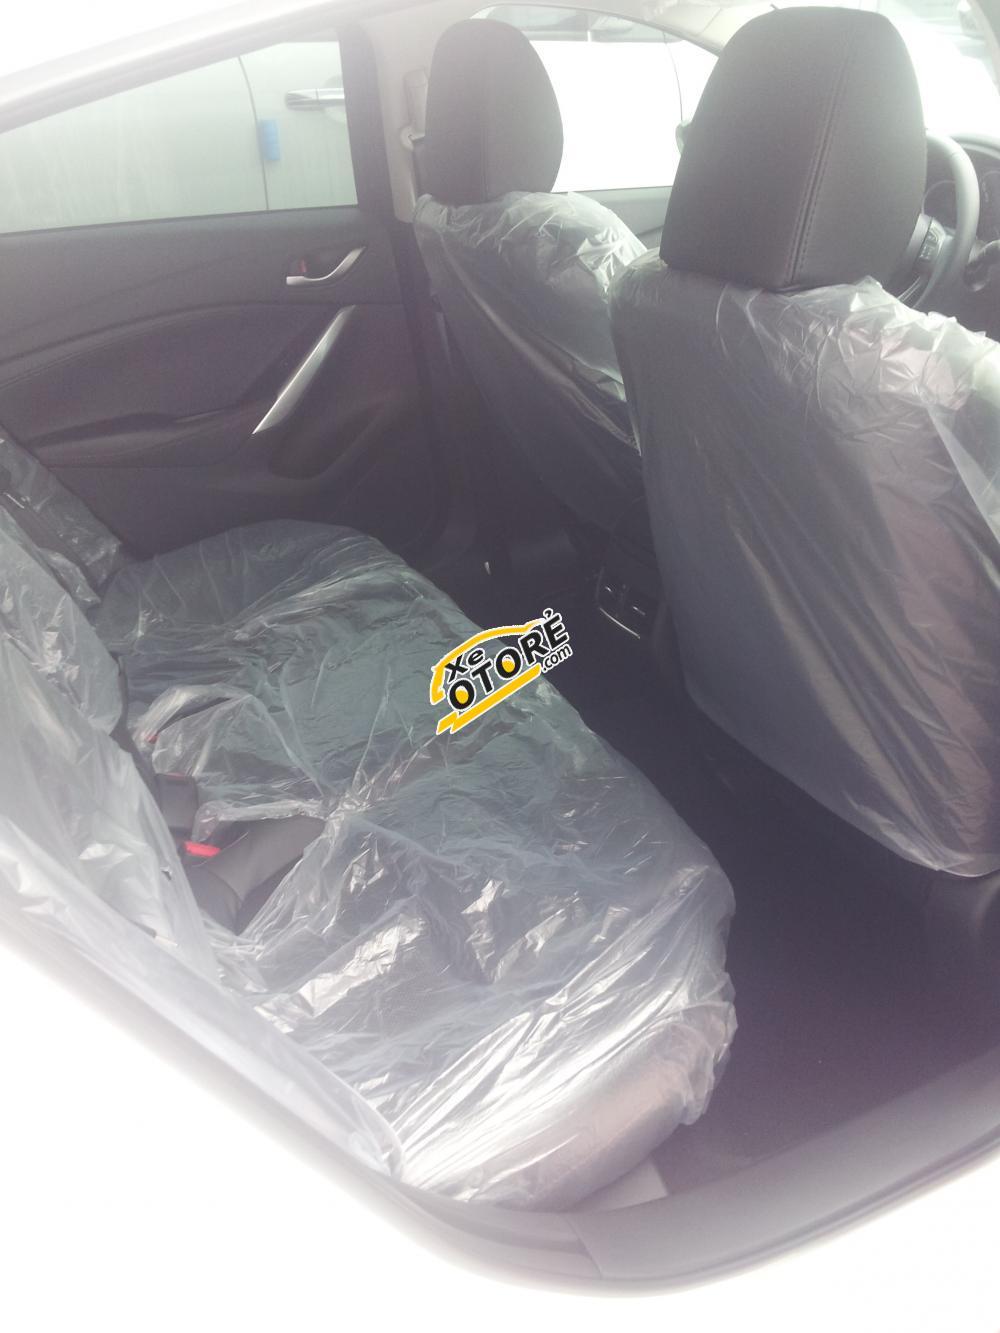 Mazda 6 2.0 All New, tặng bảo hiểm vật chất xe, giá tốt nhất Hà Nội cần bán